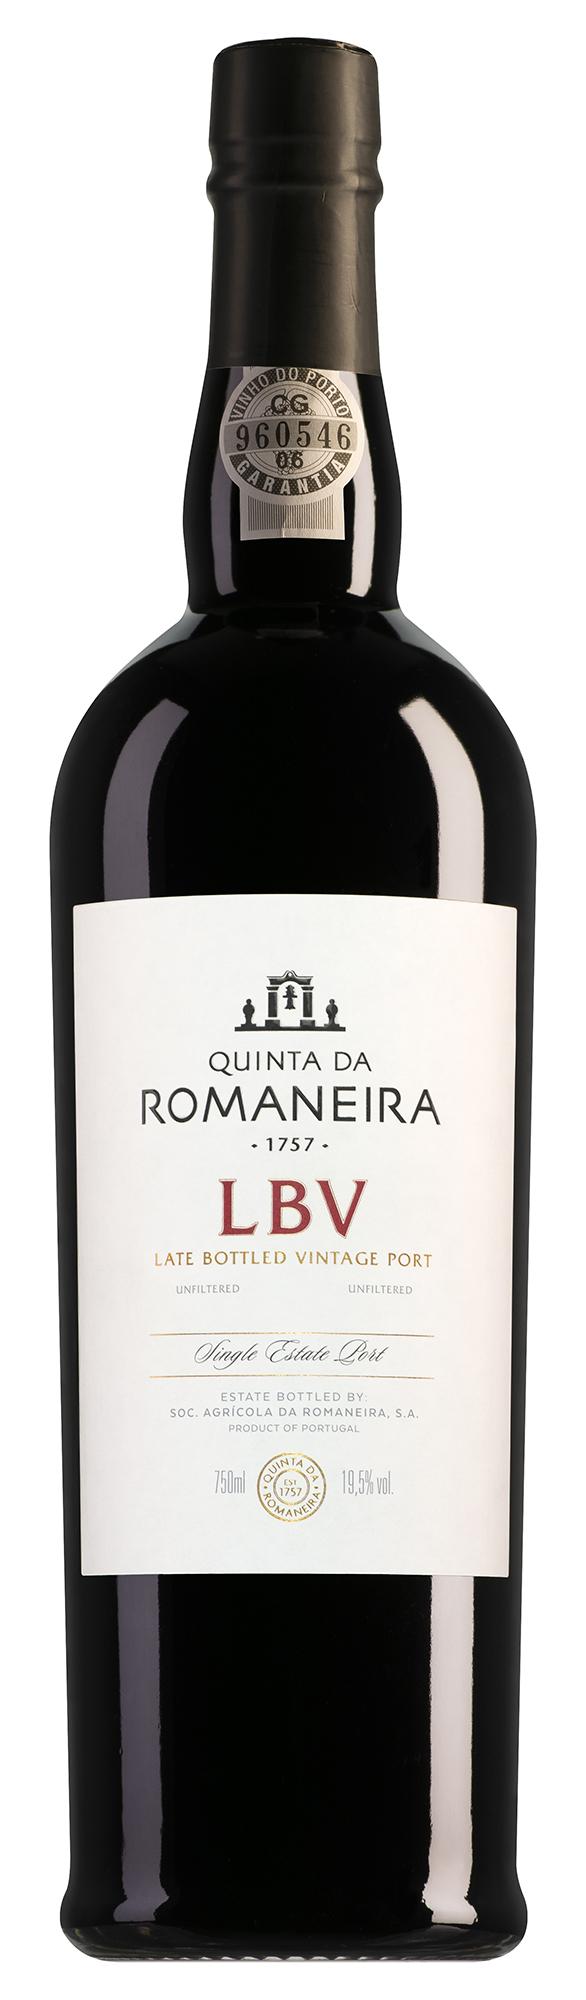 Quinta da Romaneira Late Bottled Vintage Port